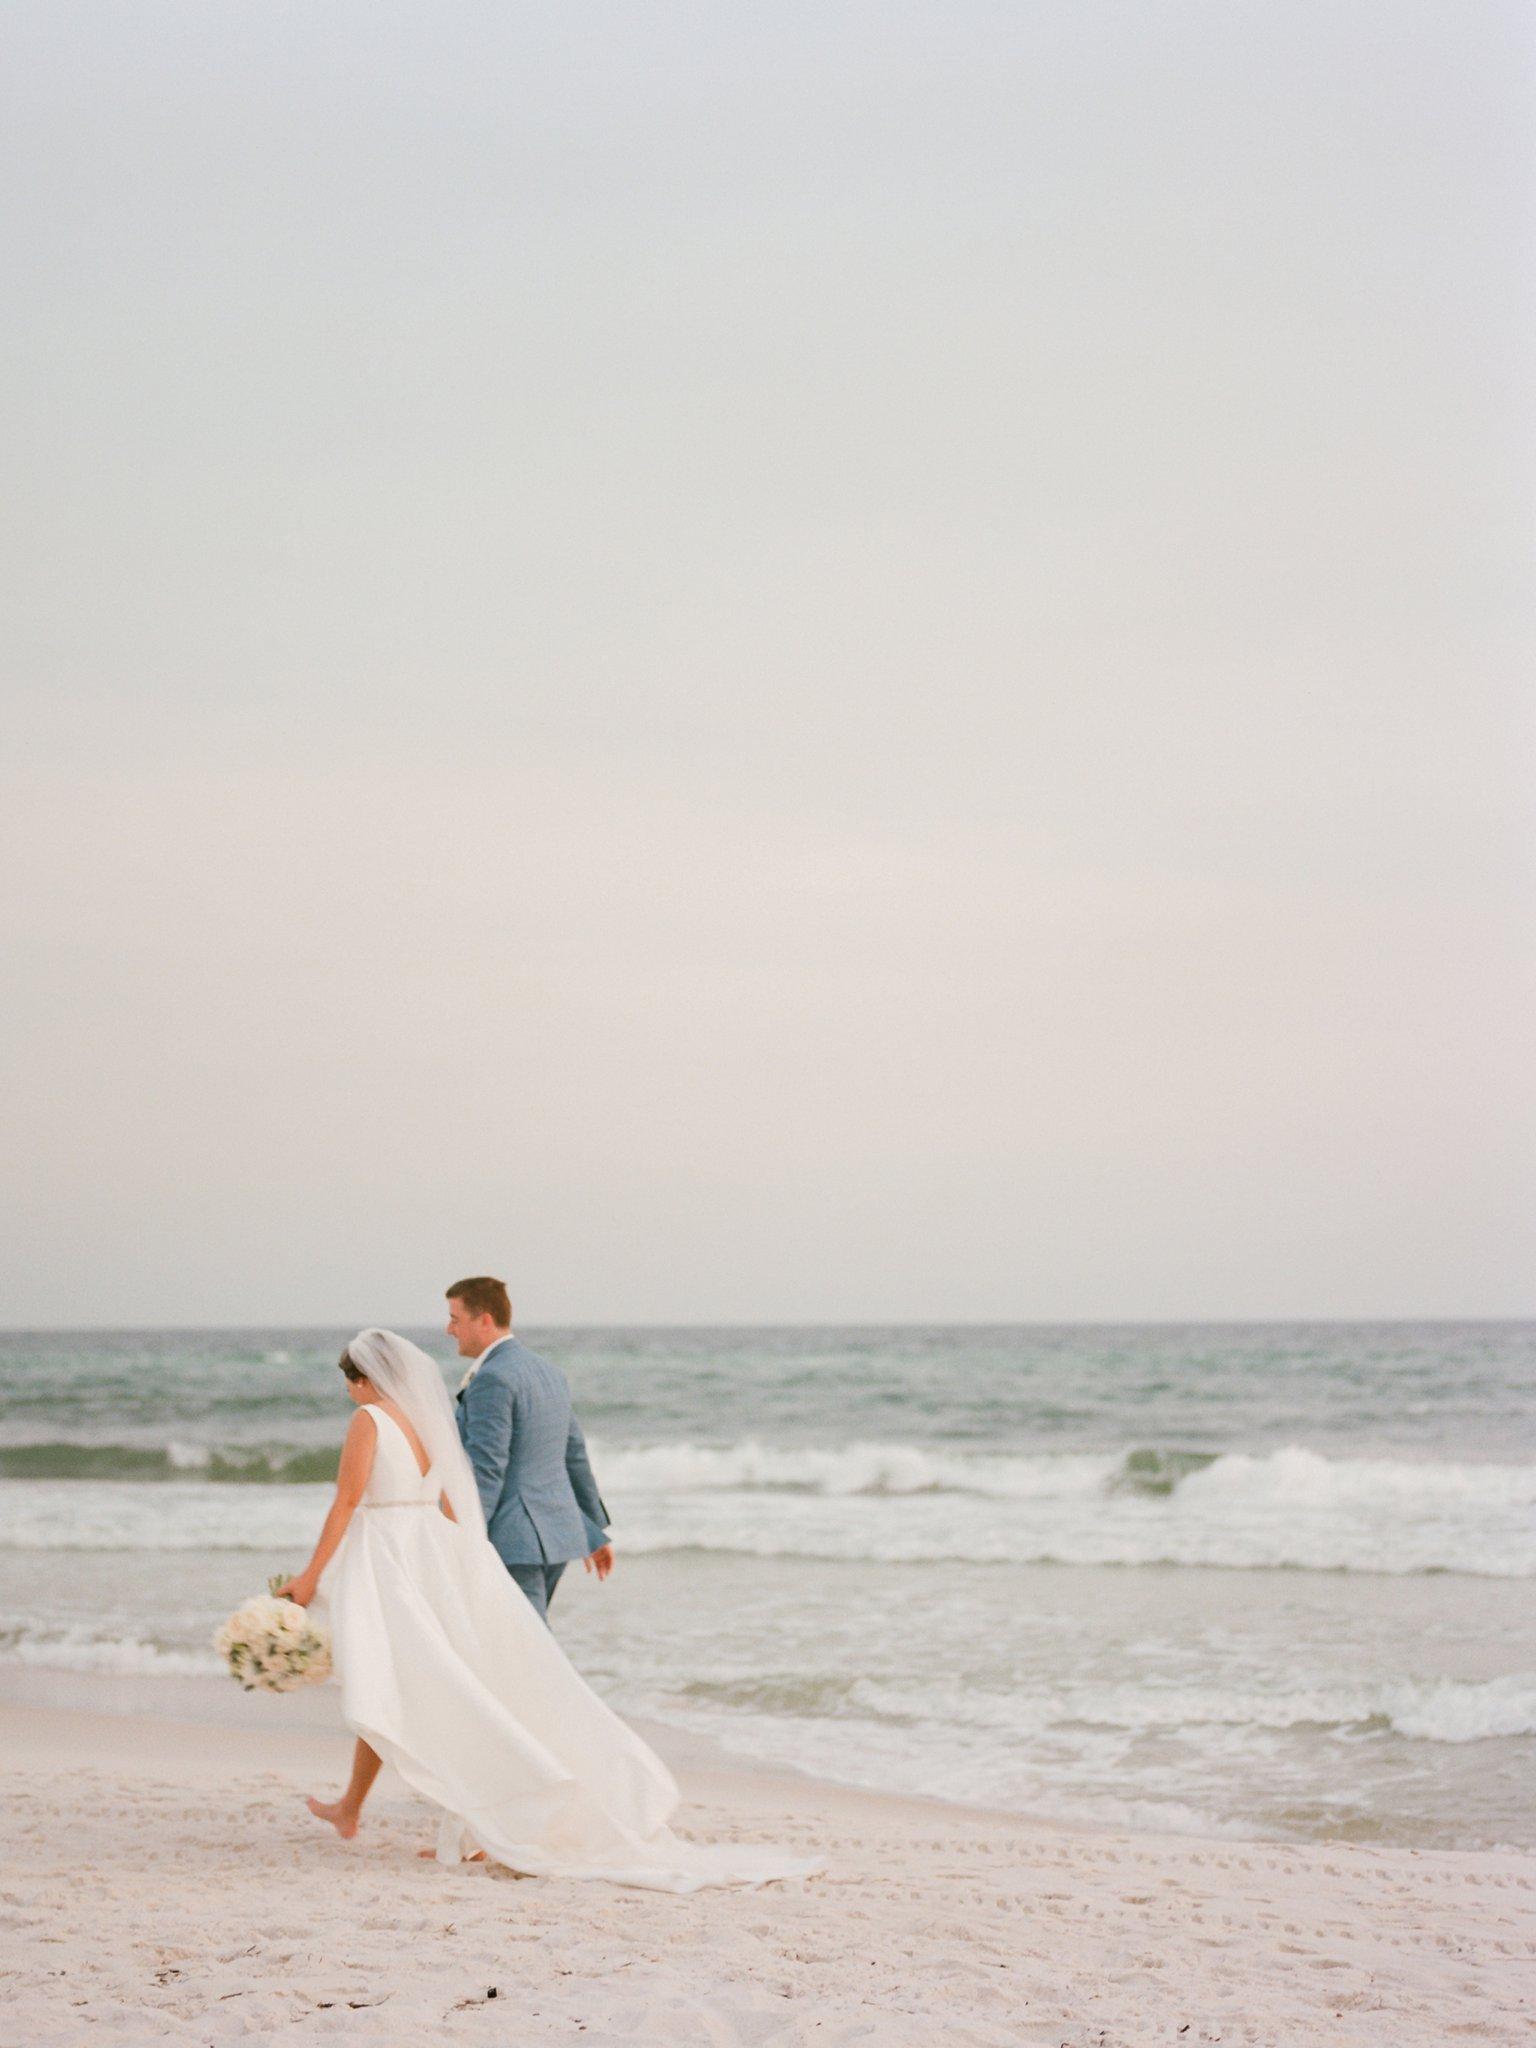 carillon beach wedding photographer shannon griffin photographer_0046.jpg